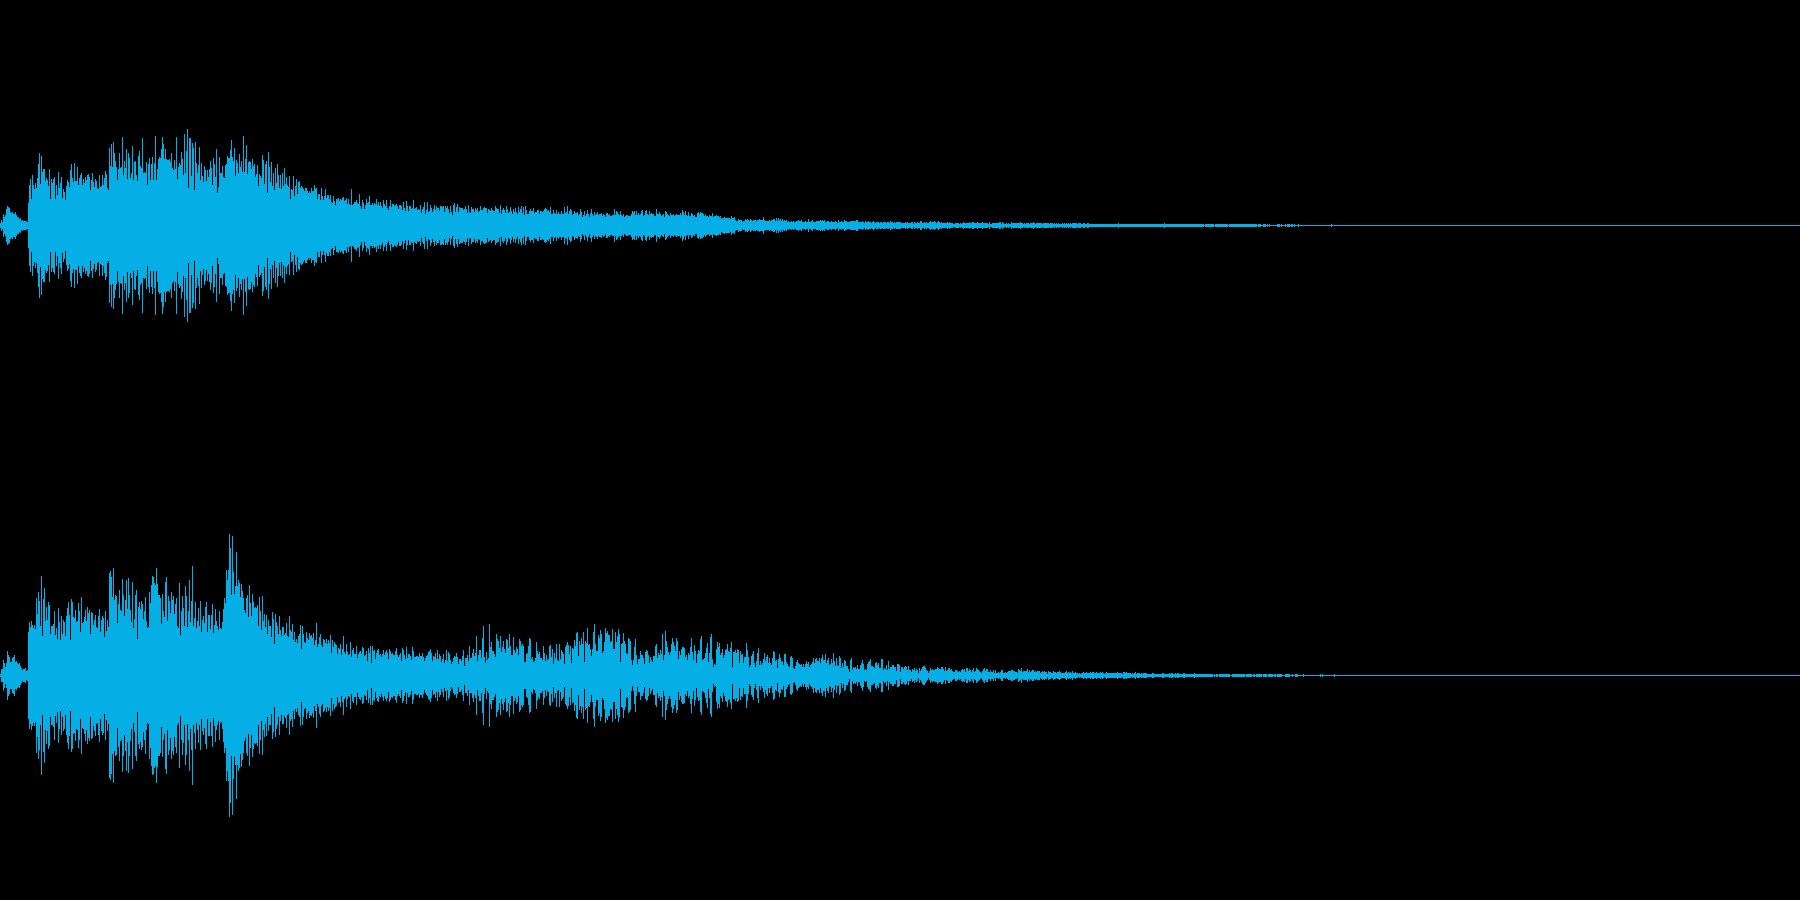 【ロゴ、ジングル】ピアノ04の再生済みの波形